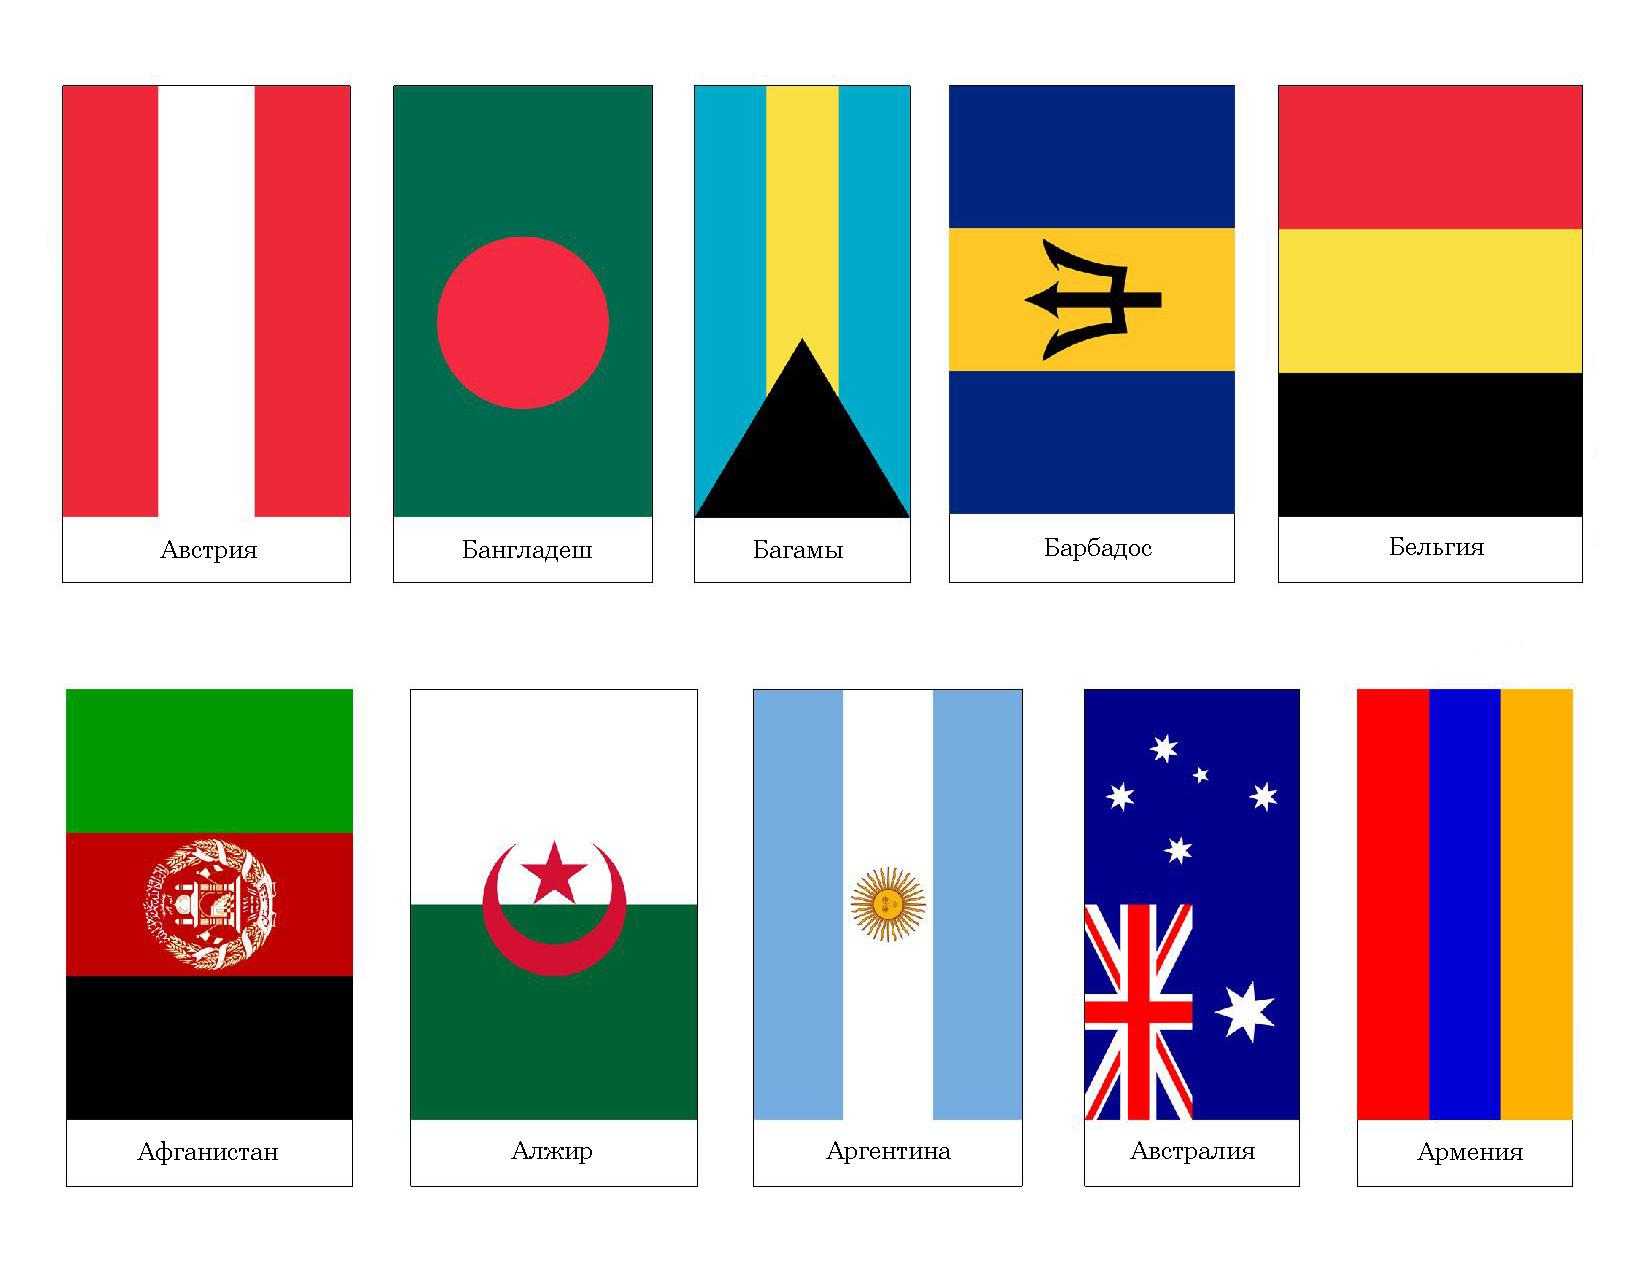 вам флаги современных стран фото с названиями многообразию